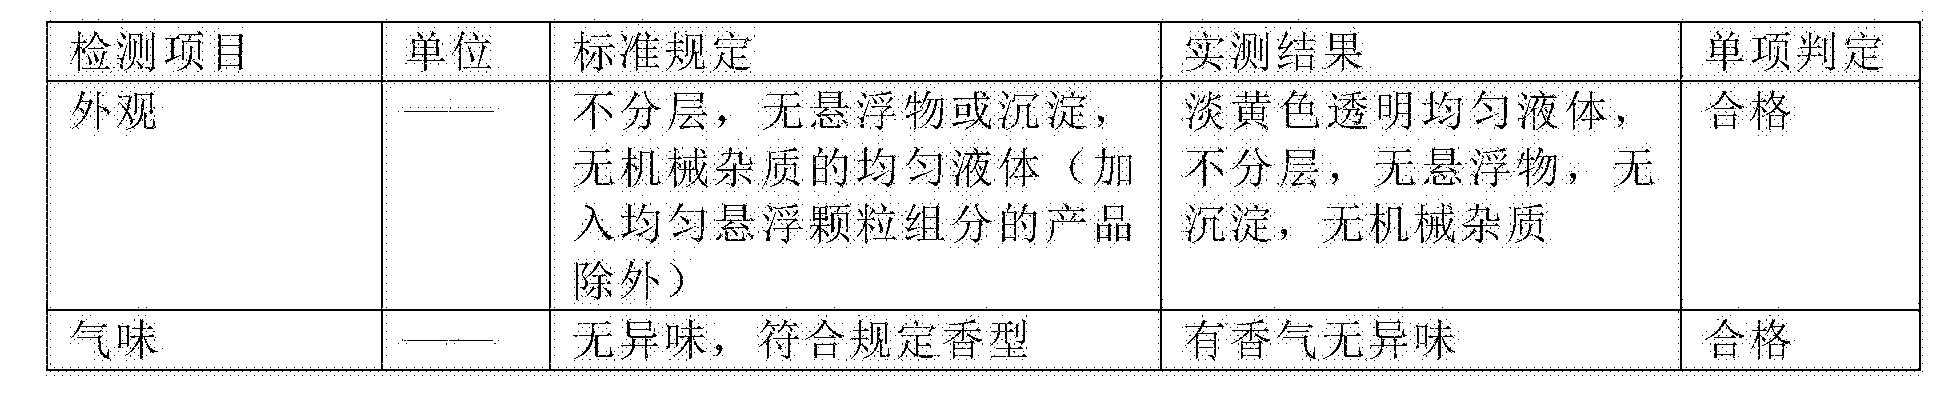 Figure CN105296177BD00143